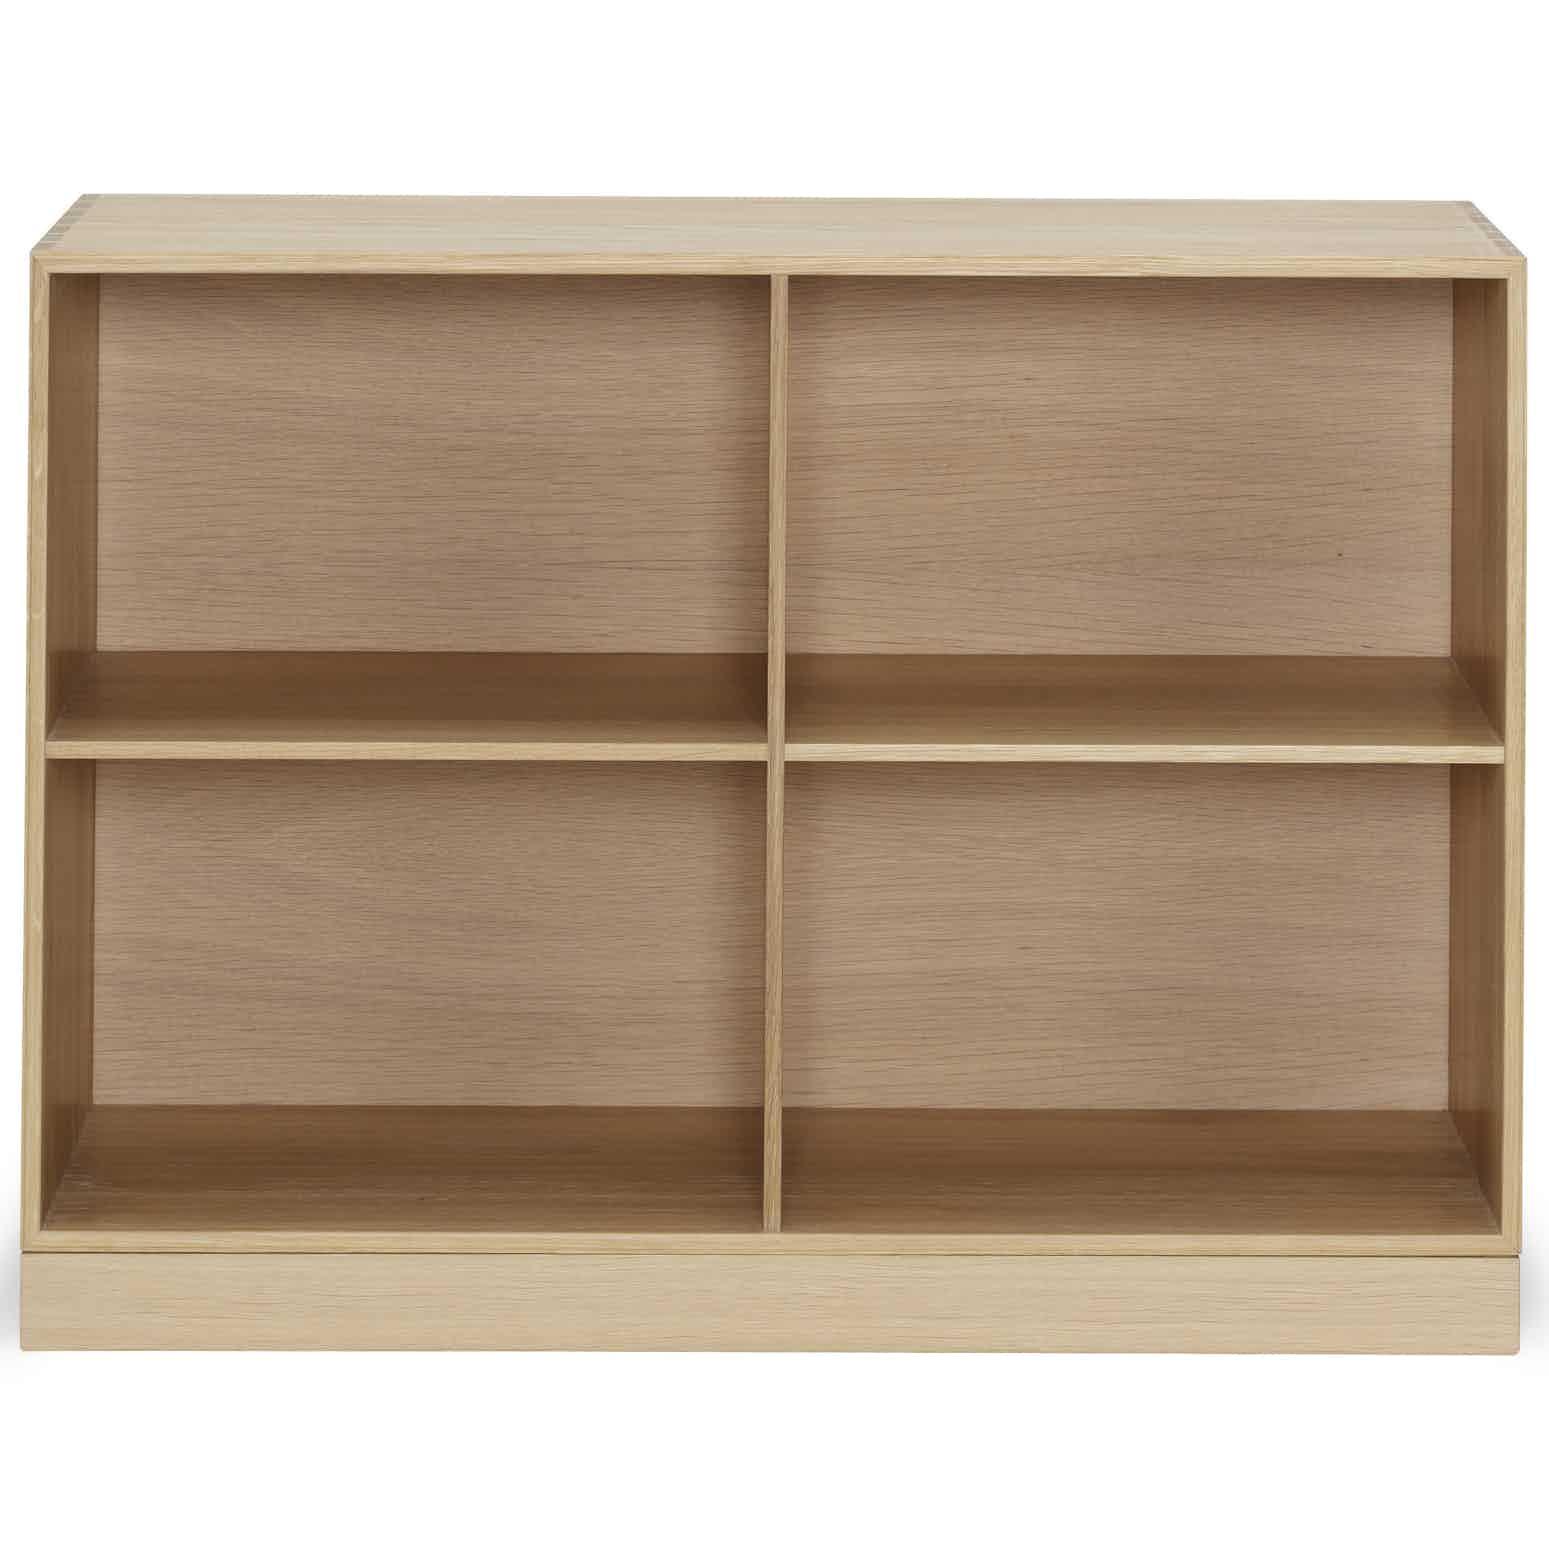 MK-Bookcase-2-3_181002_161116